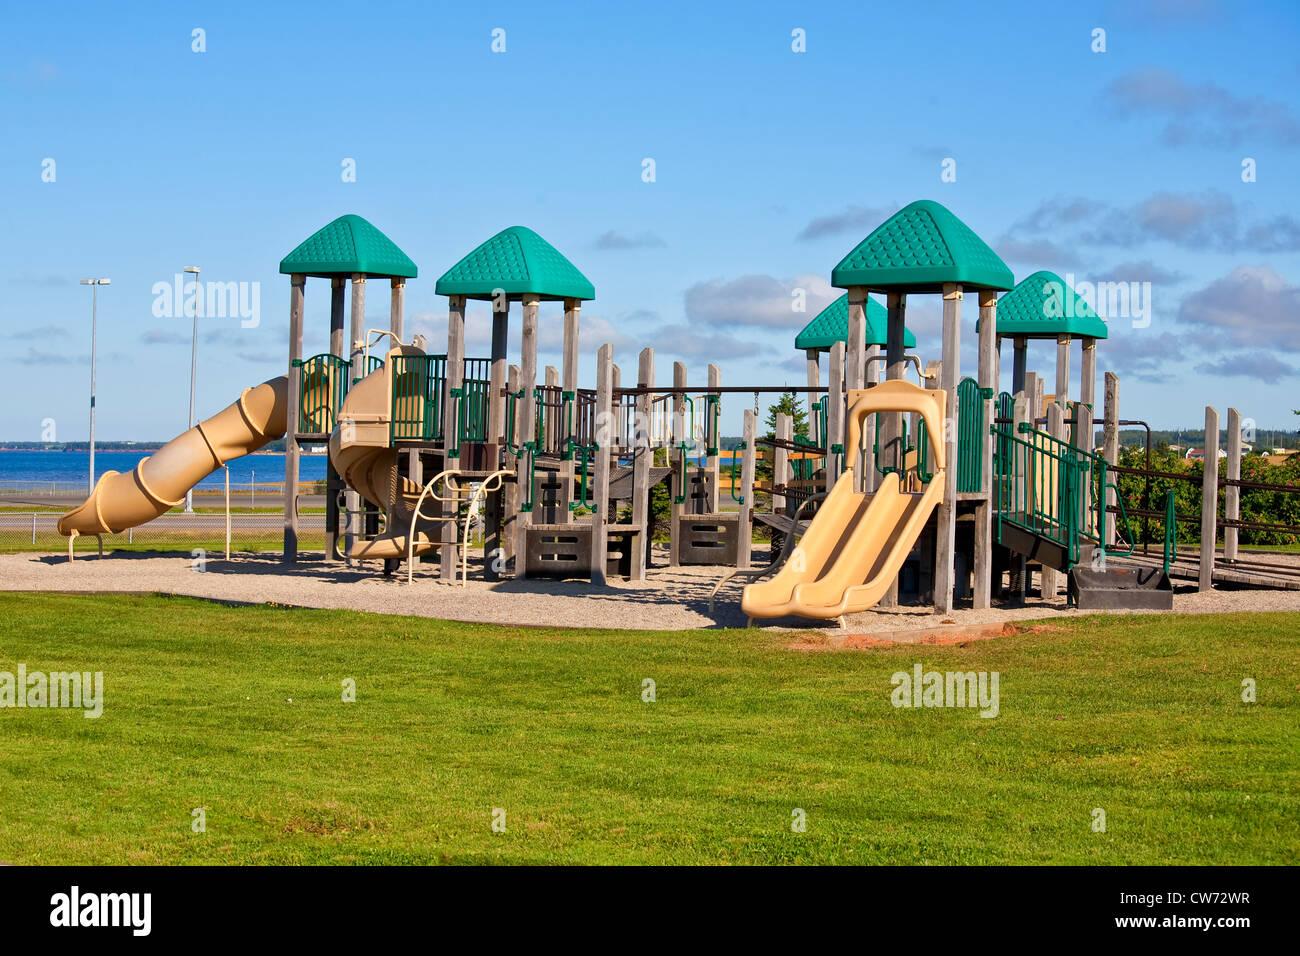 Klettergerüst Kunststoff : Auf einem park spielplatz mit riesigen klettergerüst stockfoto